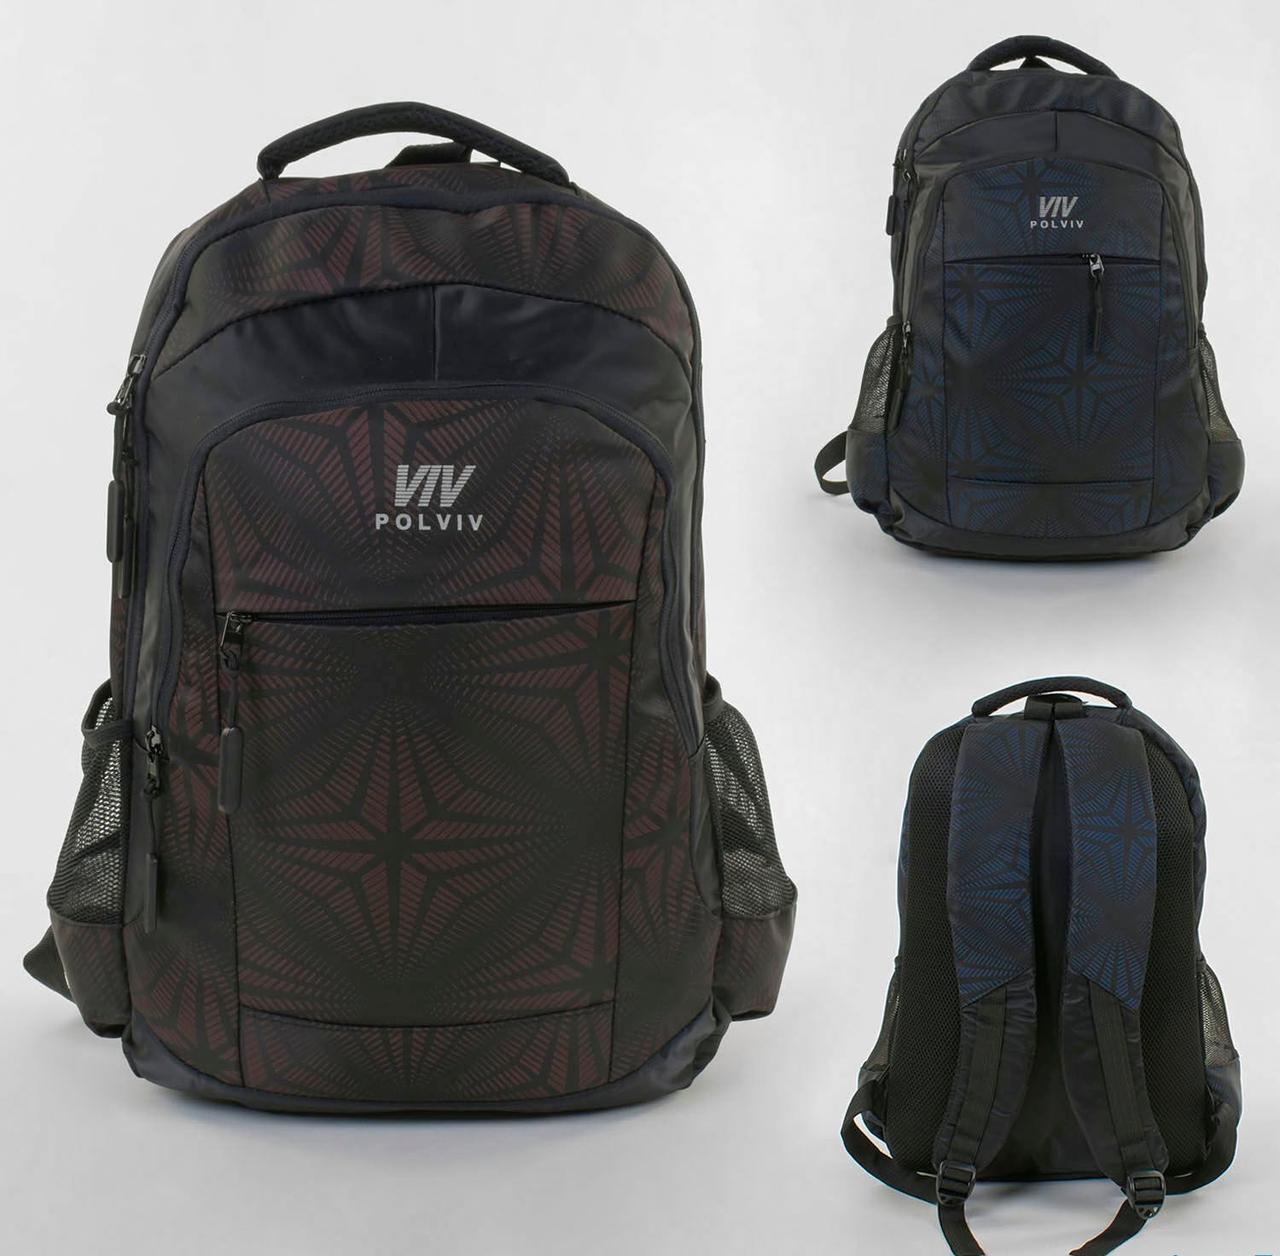 Городской рюкзак с эффектным рисунком 1 отделение, 3 кармана, мягкая спинка С 43652 (2 вида)